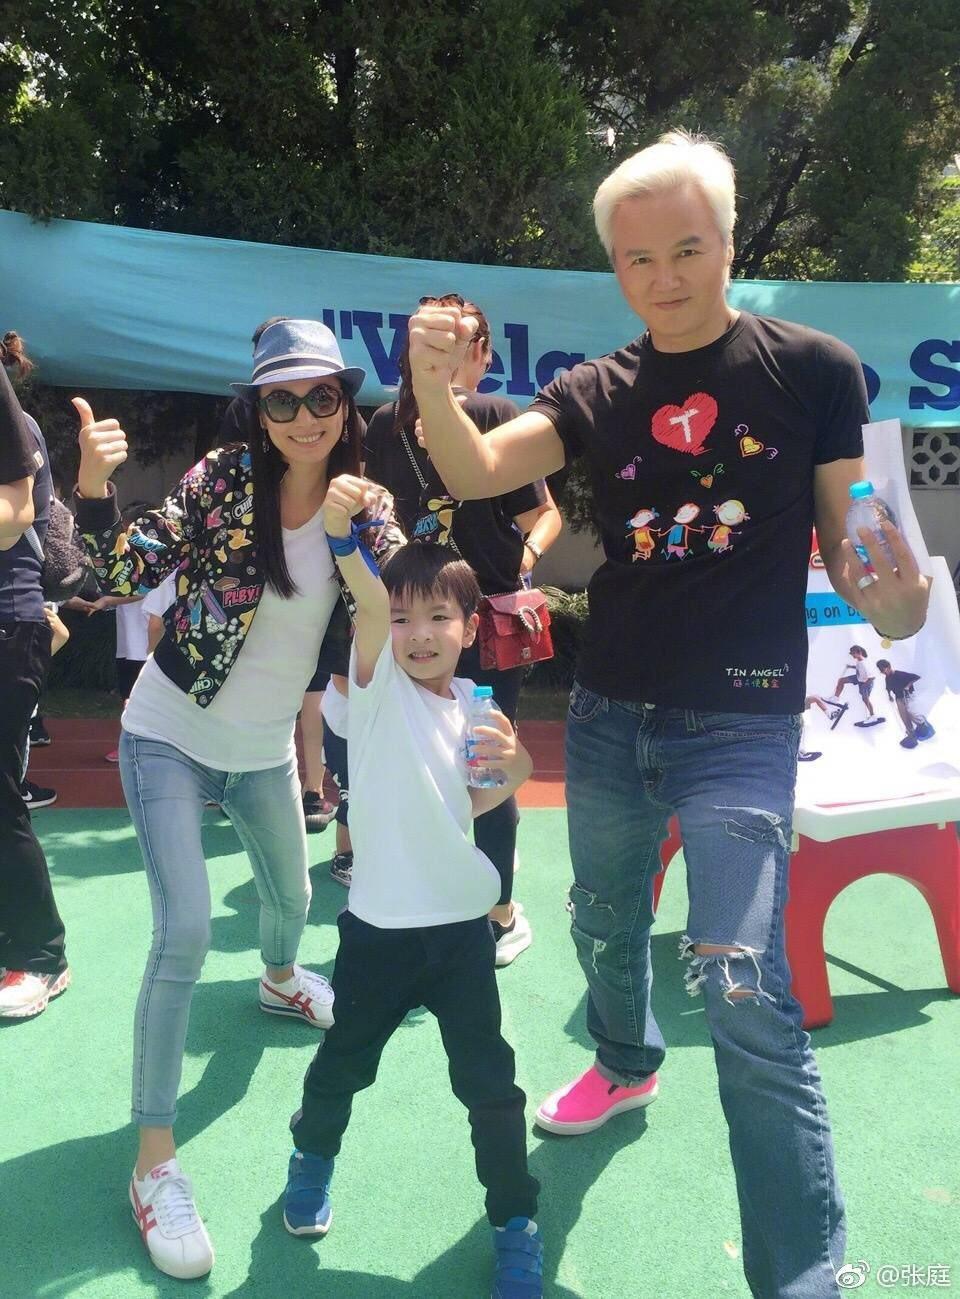 張庭、林瑞陽夫妻日前帶兒子參加學校運動會,看來小腹平坦 。圖/摘自張庭微博